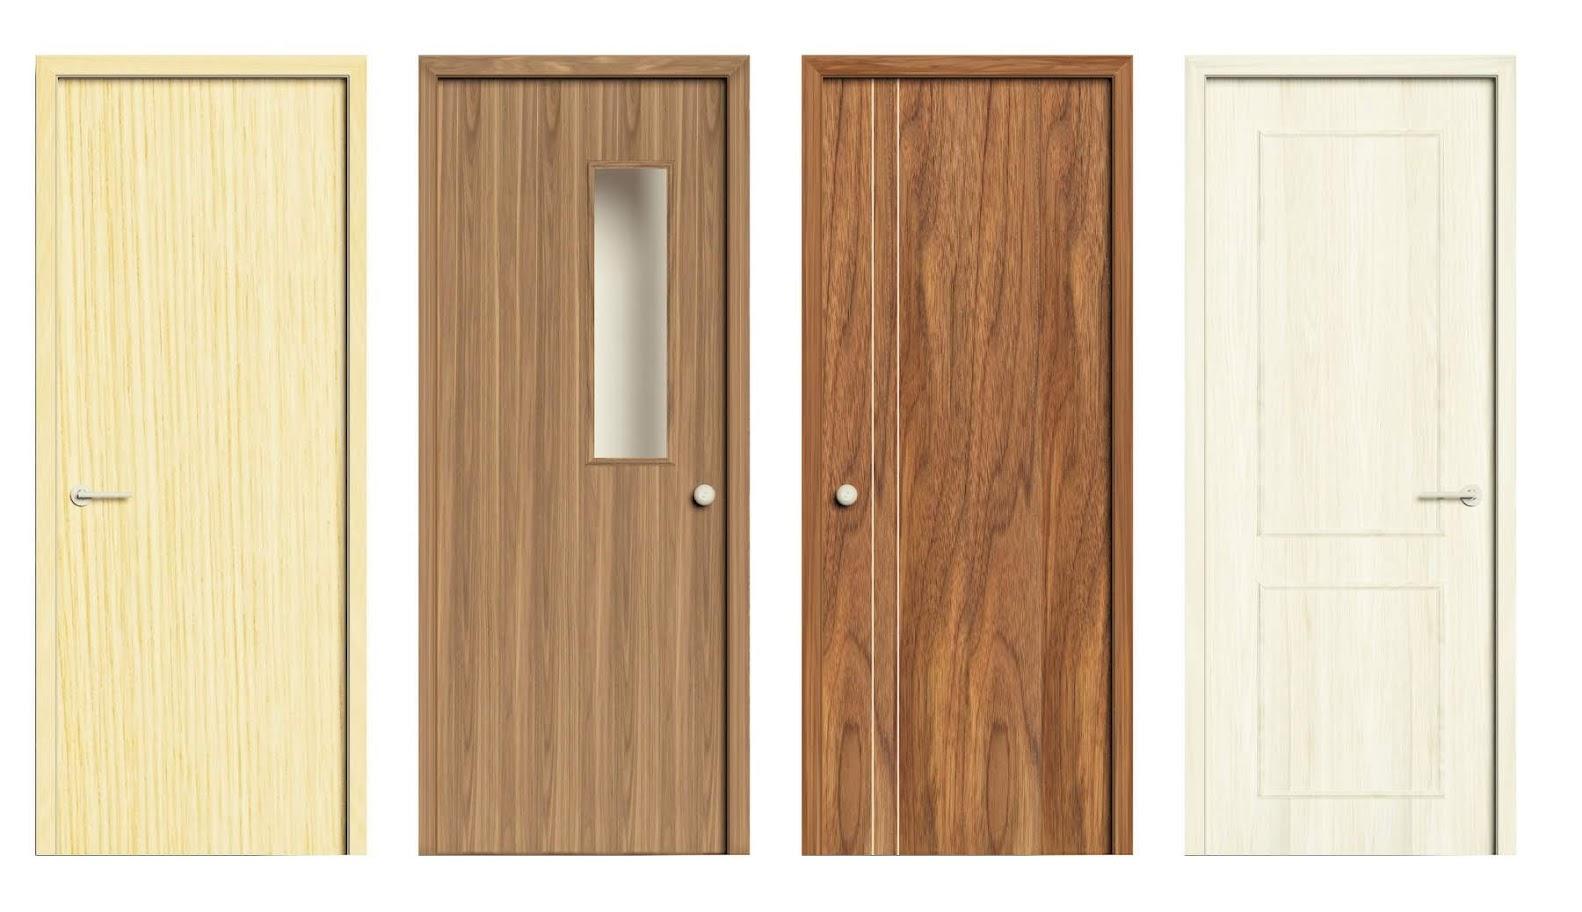 Cửa gỗ Composite Eurowindow có thiết kế tiêu chuẩn 830mm*2400mm, tuy nhiên khách hàng có thể lựa chọn thêm các chiều cao khác với những đơn hàng lớn.